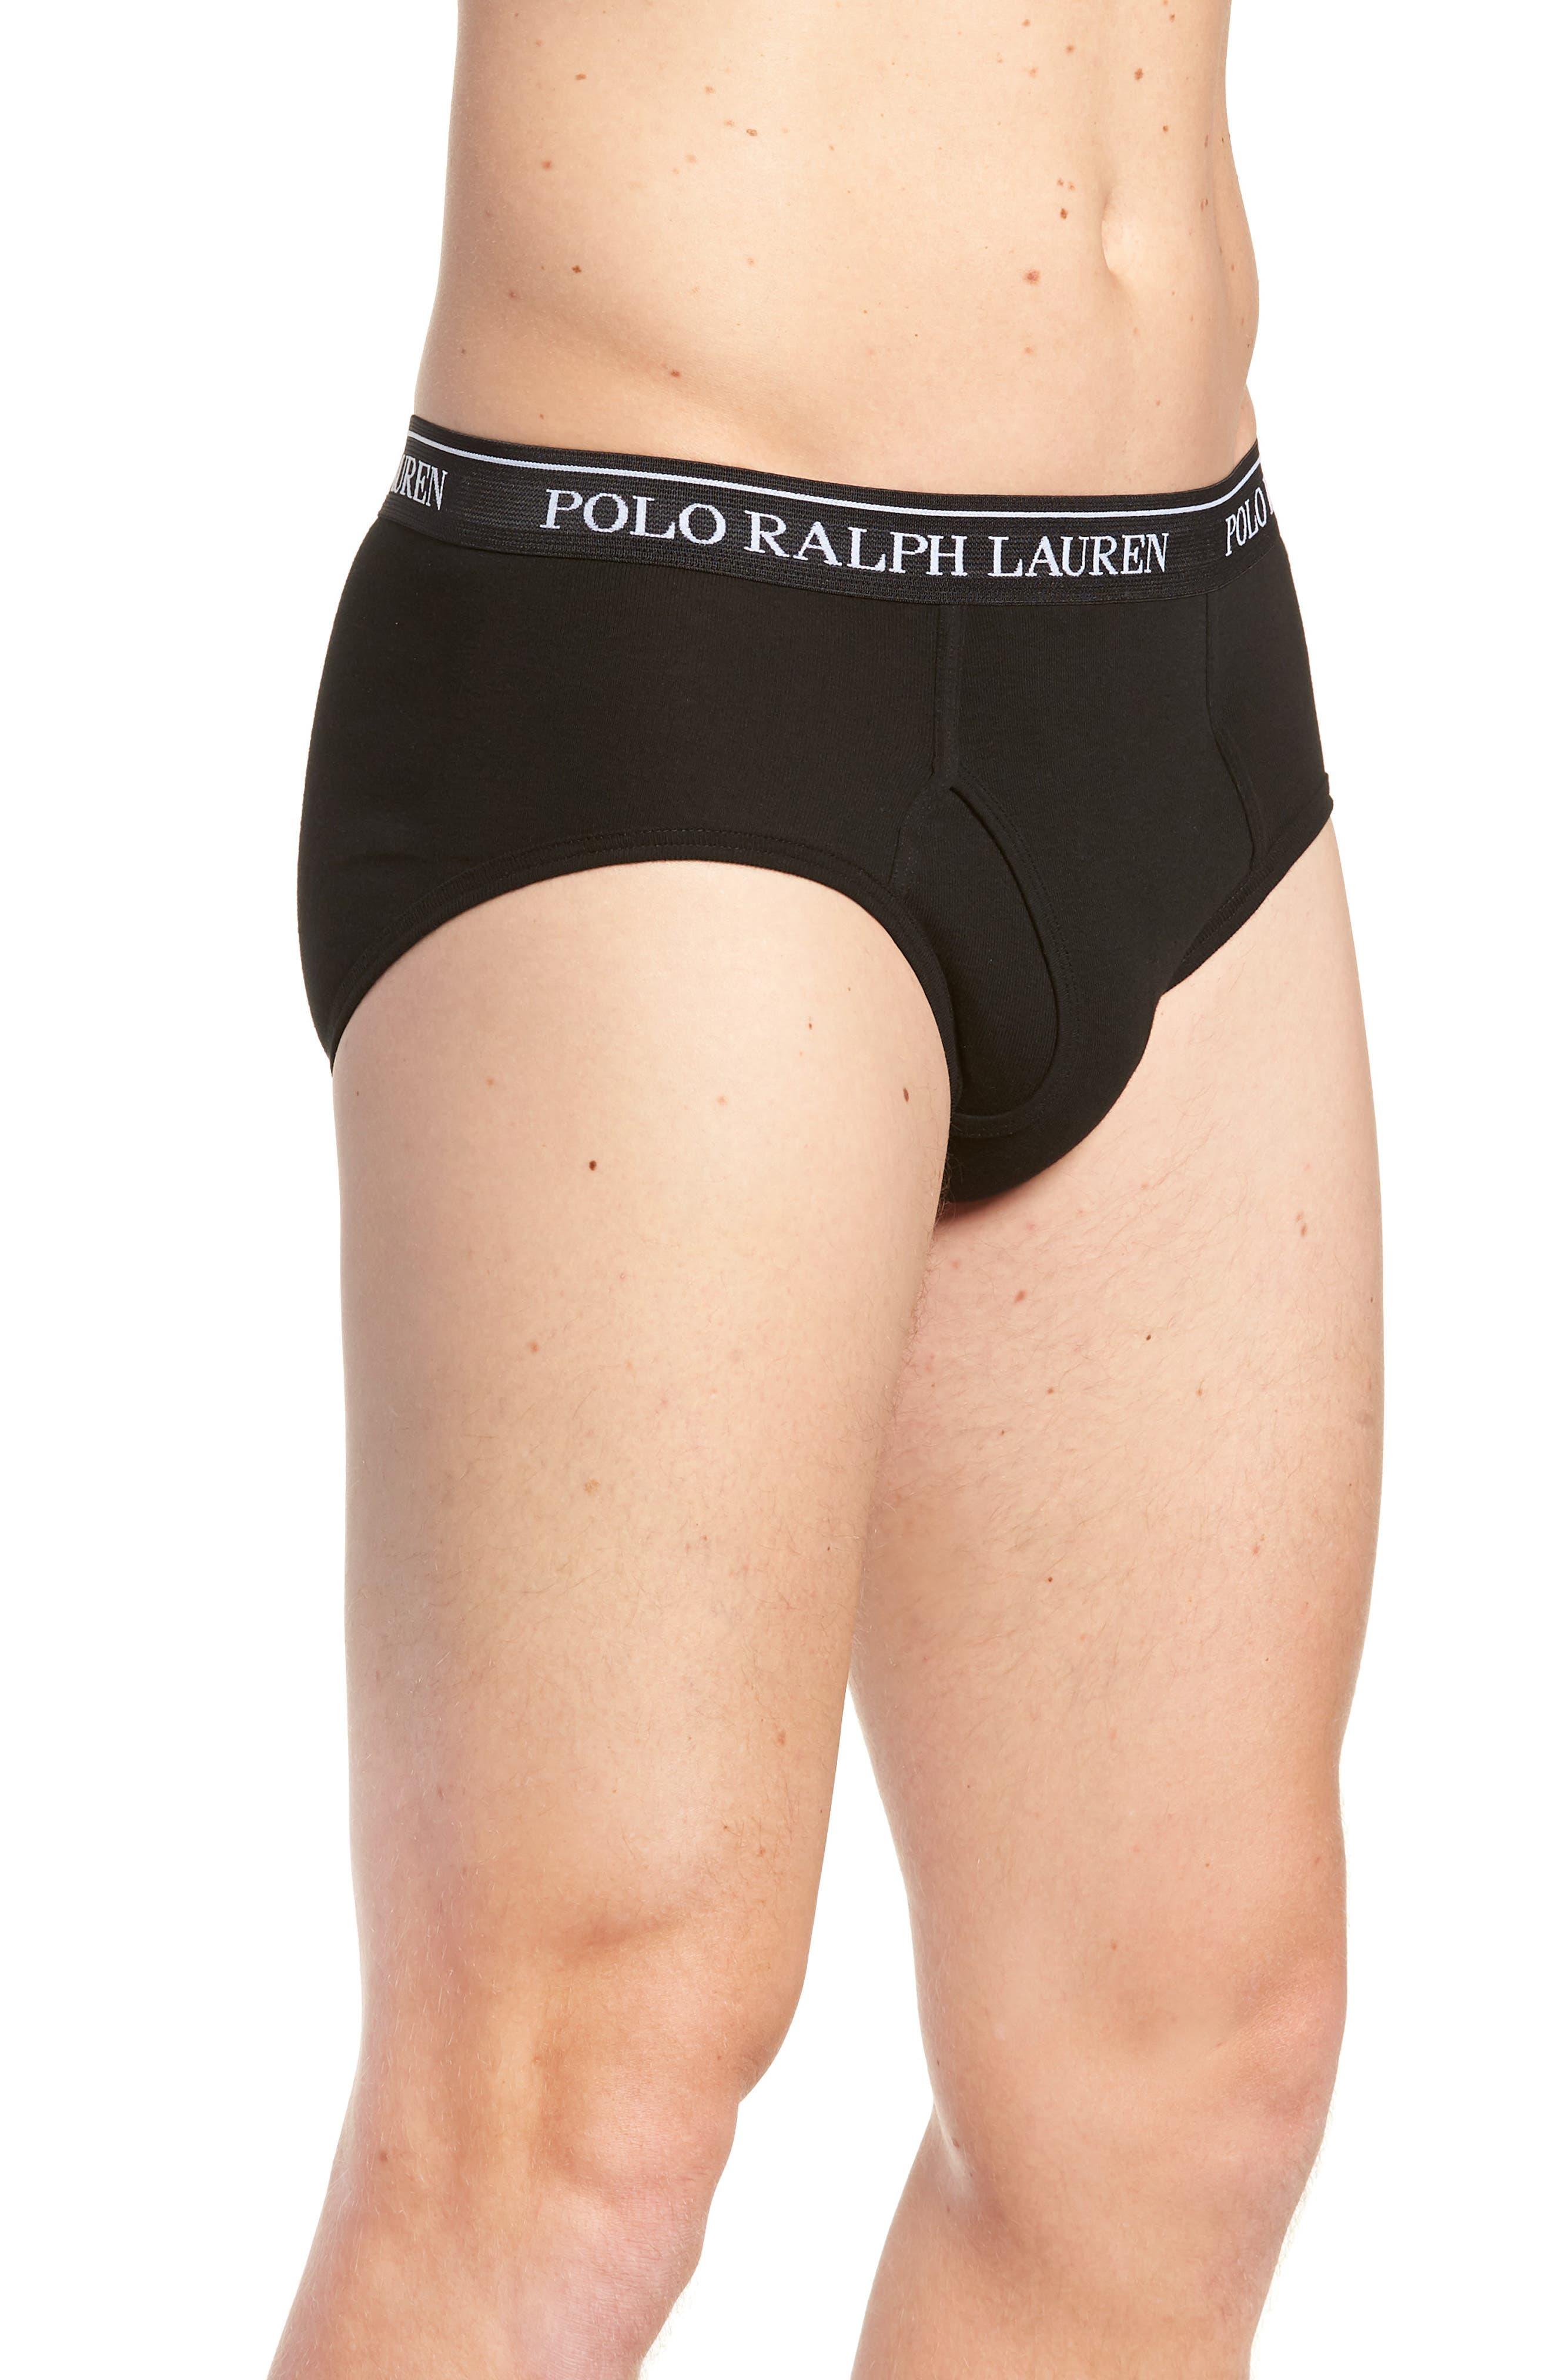 Polo Ralph Lauren 4-Pack Low Rise Cotton Briefs,                             Alternate thumbnail 4, color,                             POLO BLACK